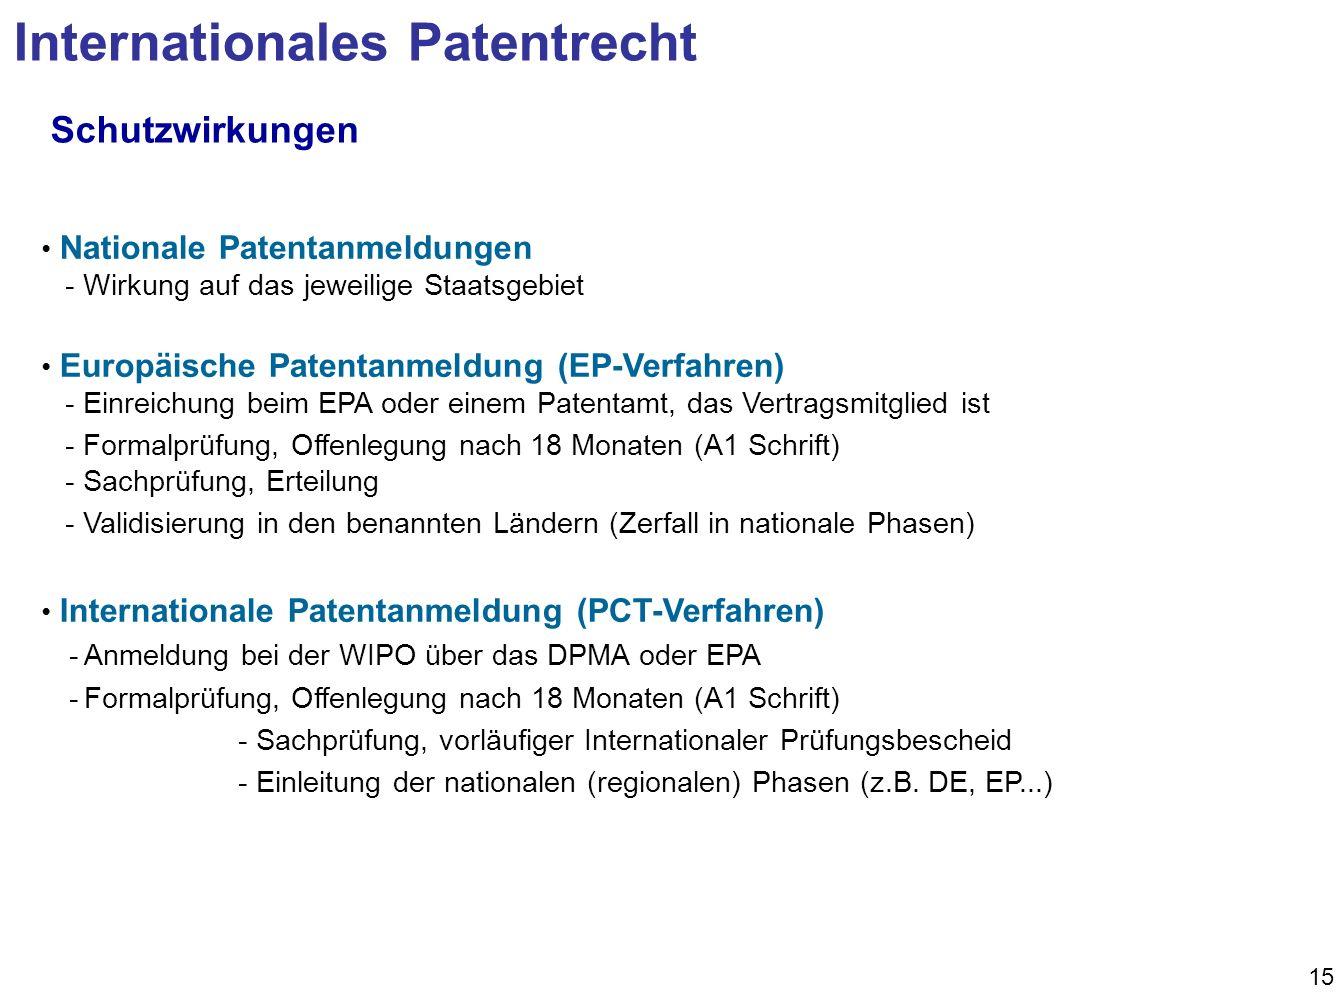 15 Schutzwirkungen Nationale Patentanmeldungen - Wirkung auf das jeweilige Staatsgebiet Europäische Patentanmeldung (EP-Verfahren) - Einreichung beim EPA oder einem Patentamt, das Vertragsmitglied ist - Formalprüfung, Offenlegung nach 18 Monaten (A1 Schrift) - Sachprüfung, Erteilung - Validisierung in den benannten Ländern (Zerfall in nationale Phasen) Internationale Patentanmeldung (PCT-Verfahren) -Anmeldung bei der WIPO über das DPMA oder EPA -Formalprüfung, Offenlegung nach 18 Monaten (A1 Schrift) - Sachprüfung, vorläufiger Internationaler Prüfungsbescheid - Einleitung der nationalen (regionalen) Phasen (z.B.